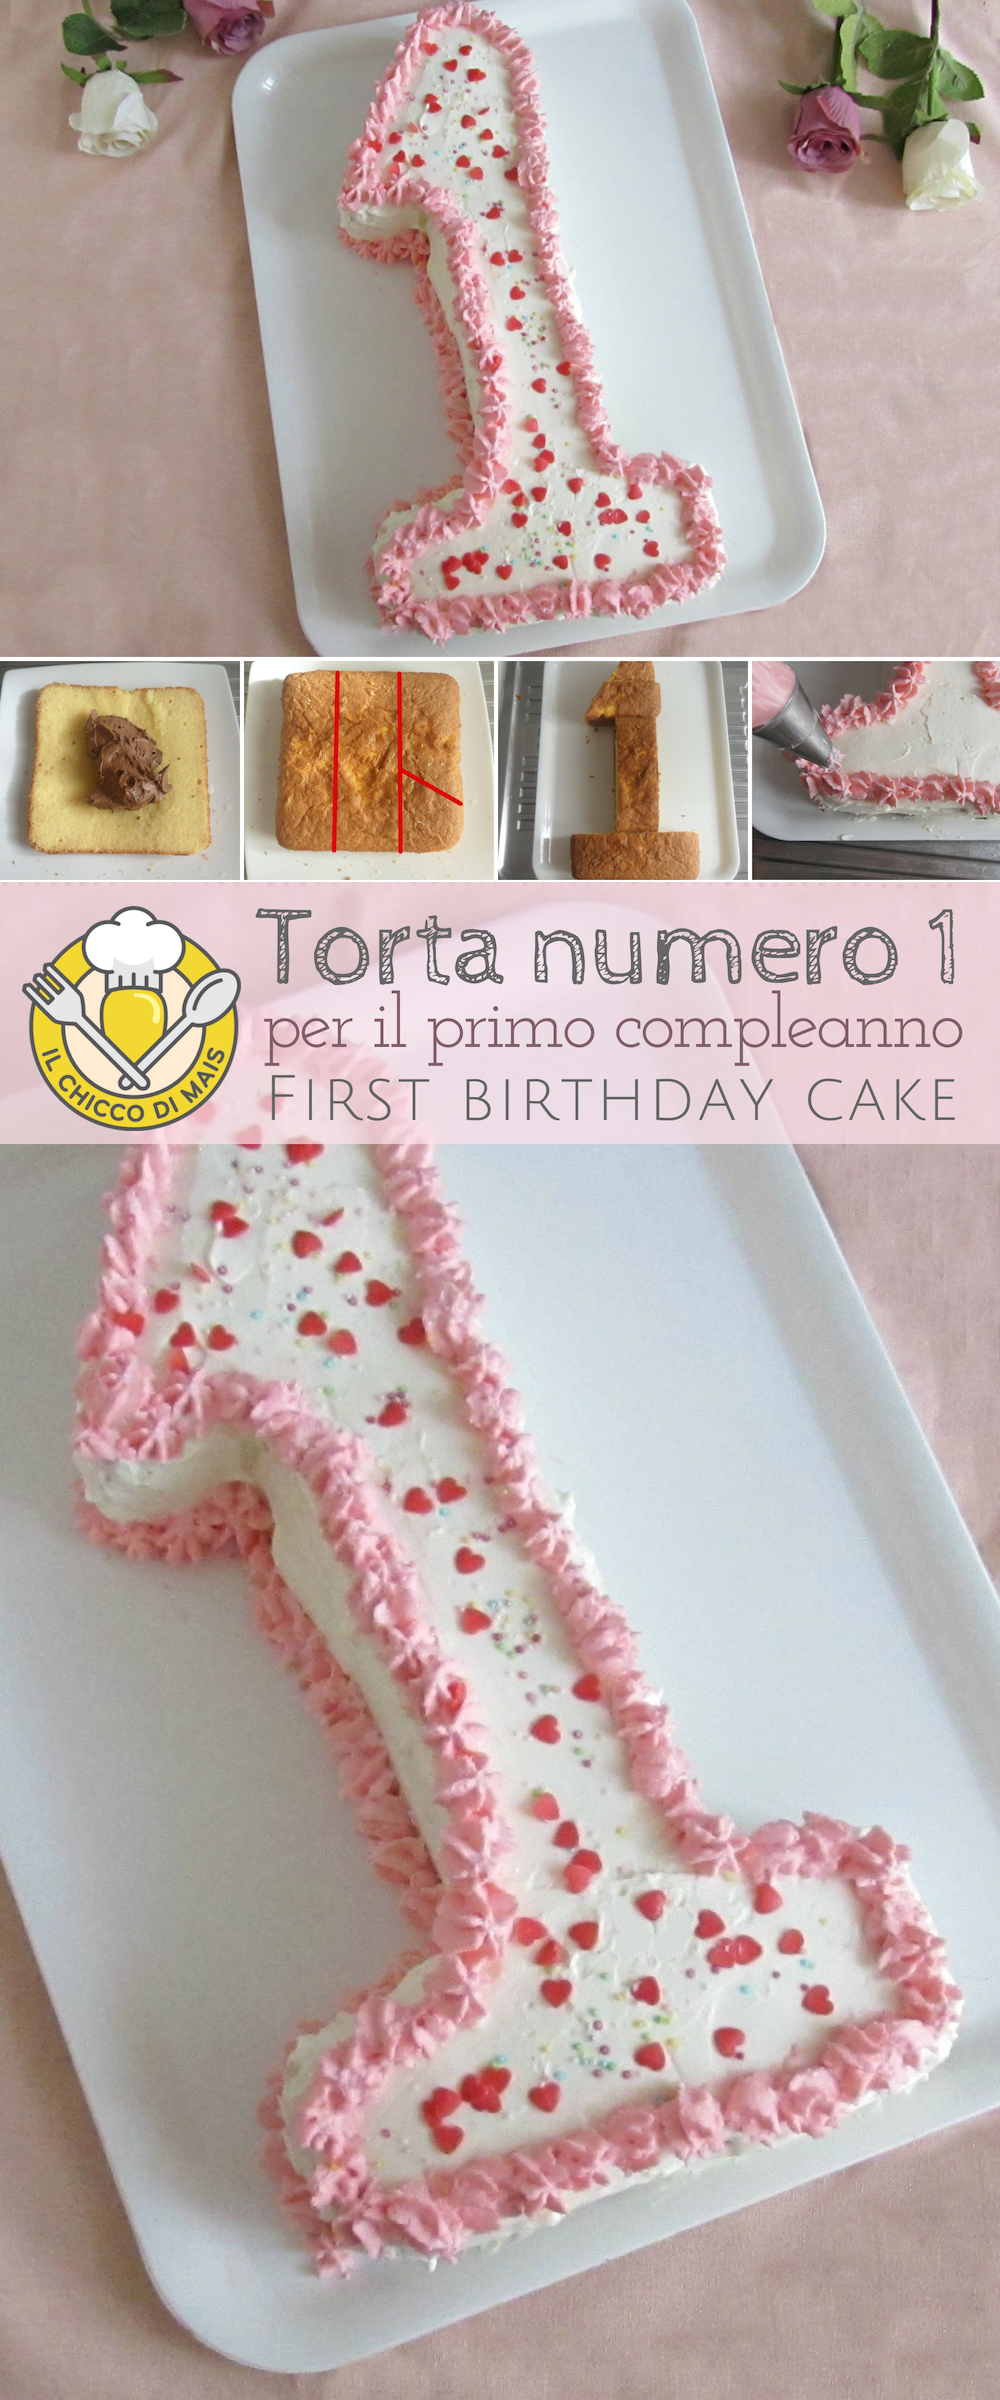 Regalo Primo Compleanno Nipotino torta numero uno: una torta per il primo compleanno di una